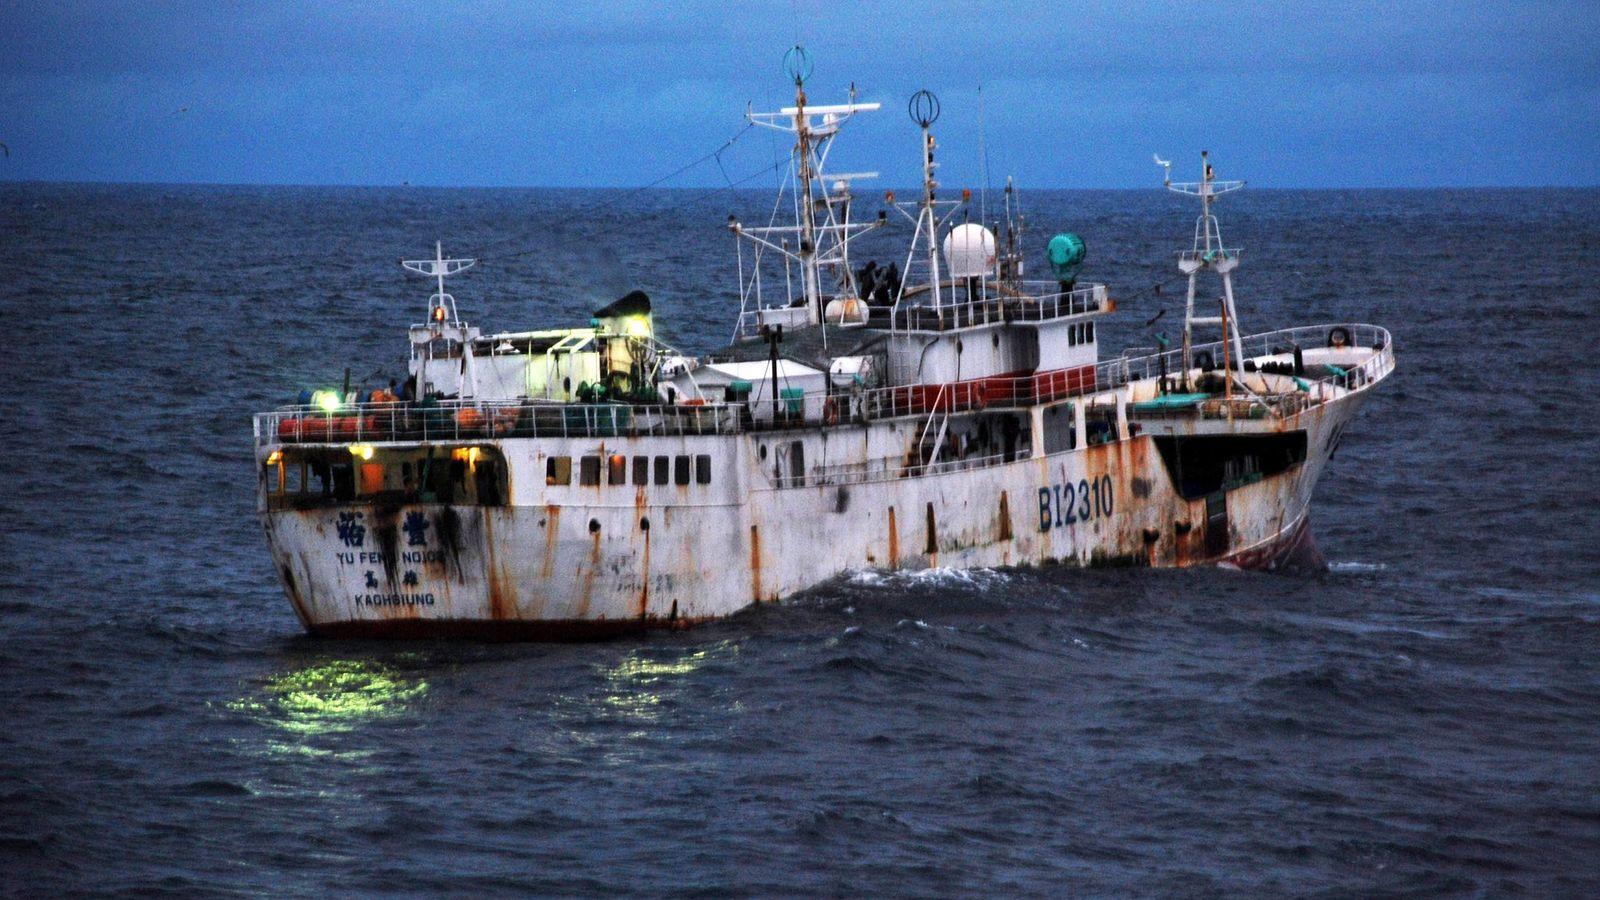 Uma embarcação com a bandeira taiwanesa, suspeita de pesca ilegal, move-se nas águas ao largo da ...